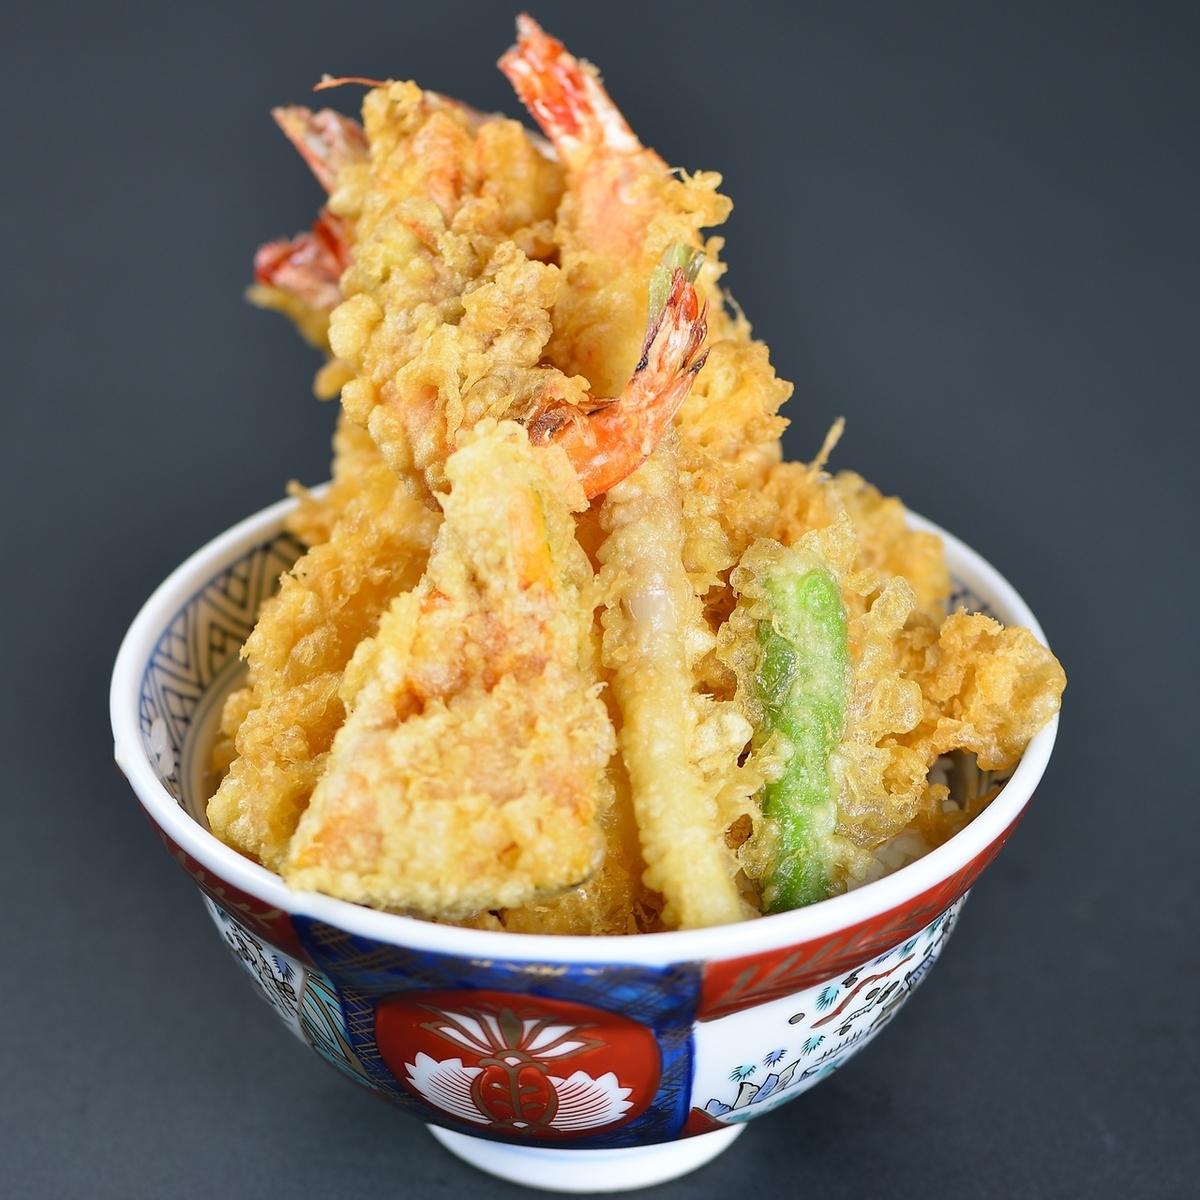 새우 튀김 덮밥